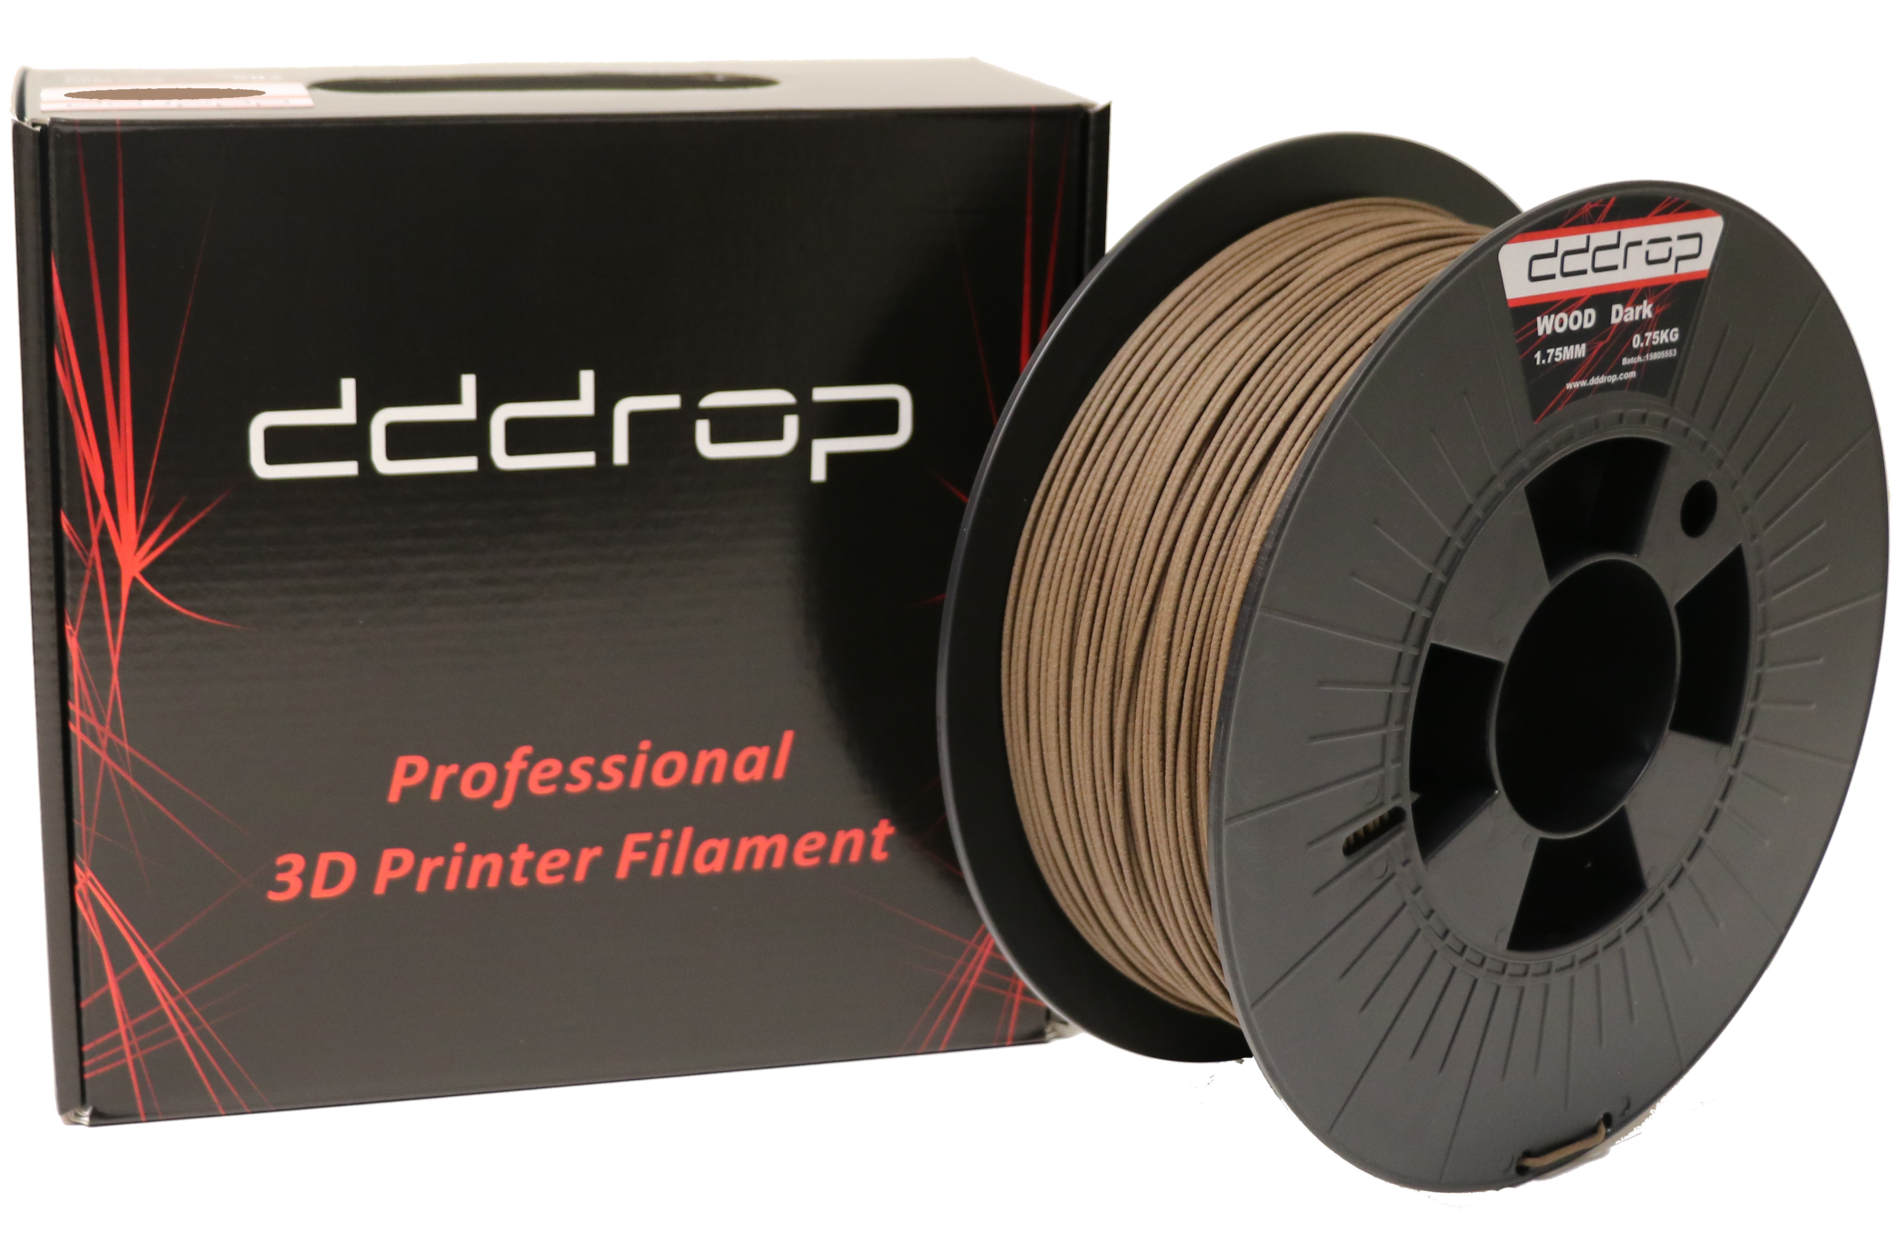 dddrop WOOD - natural dark - 1 75mm - 0 75kg